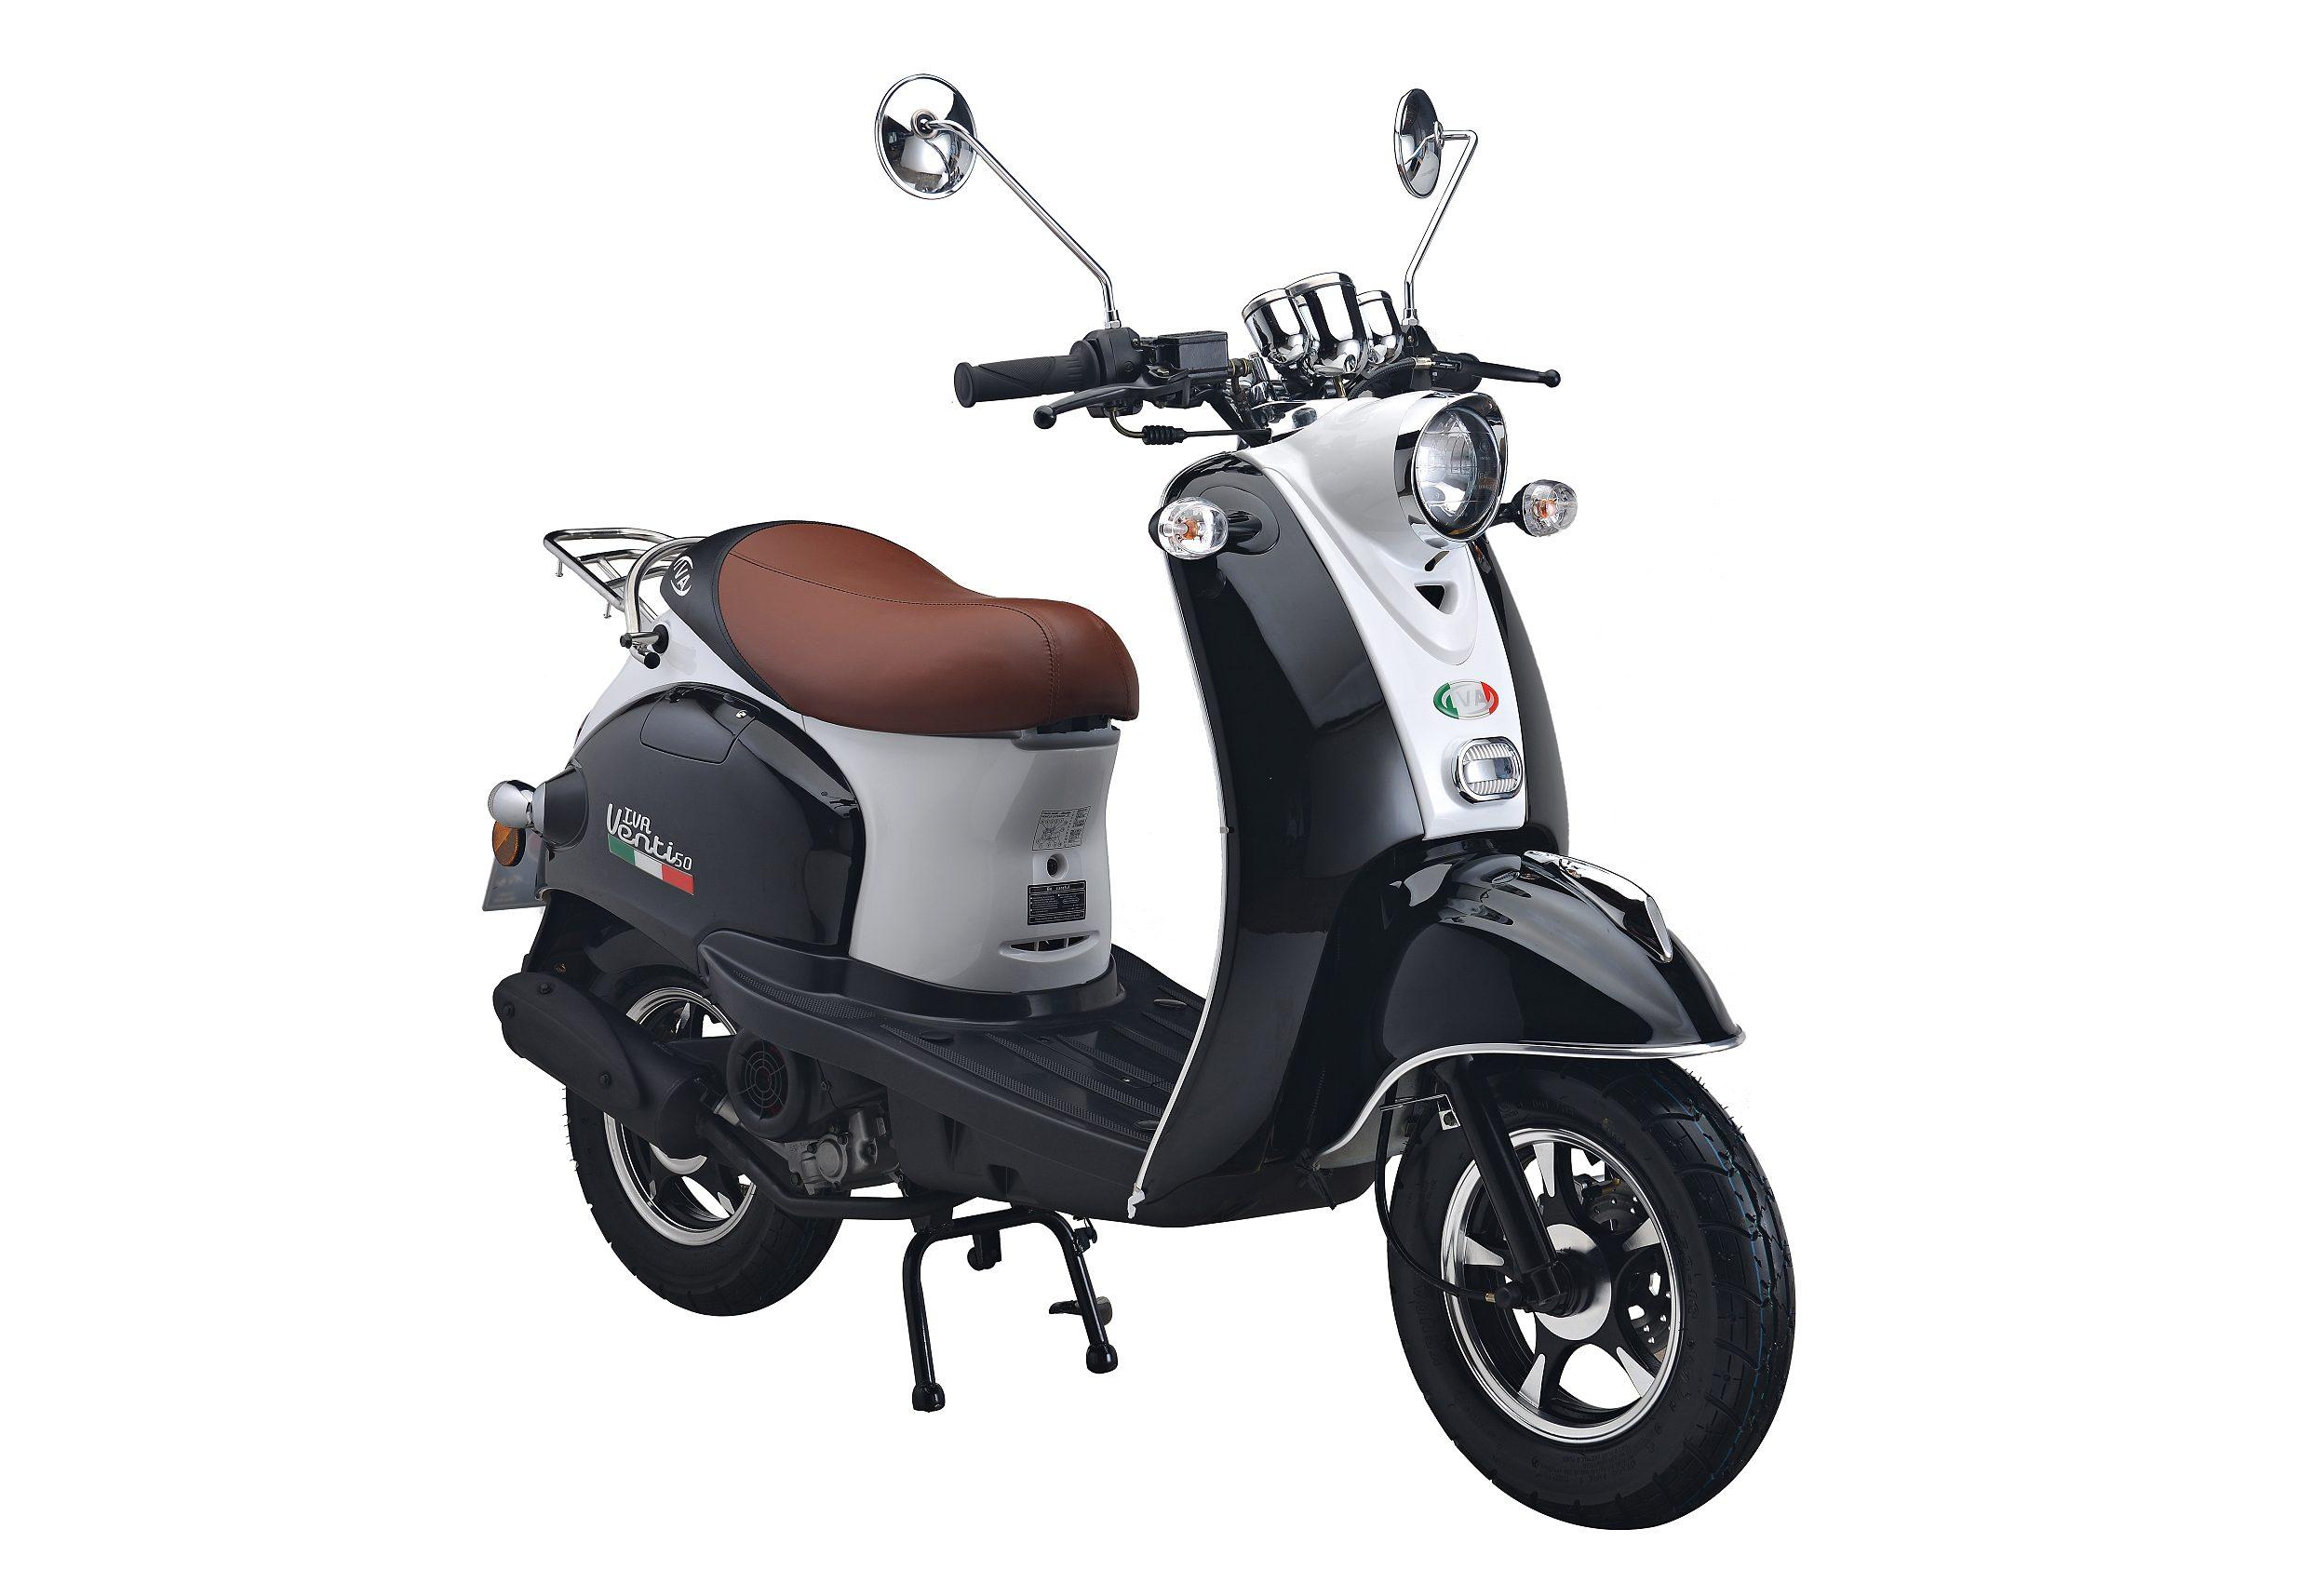 Motorroller, 50 ccm, 3 PS, 45 km/h, für 2 Personen, weiss-schwarz, »VENTI«, IVA